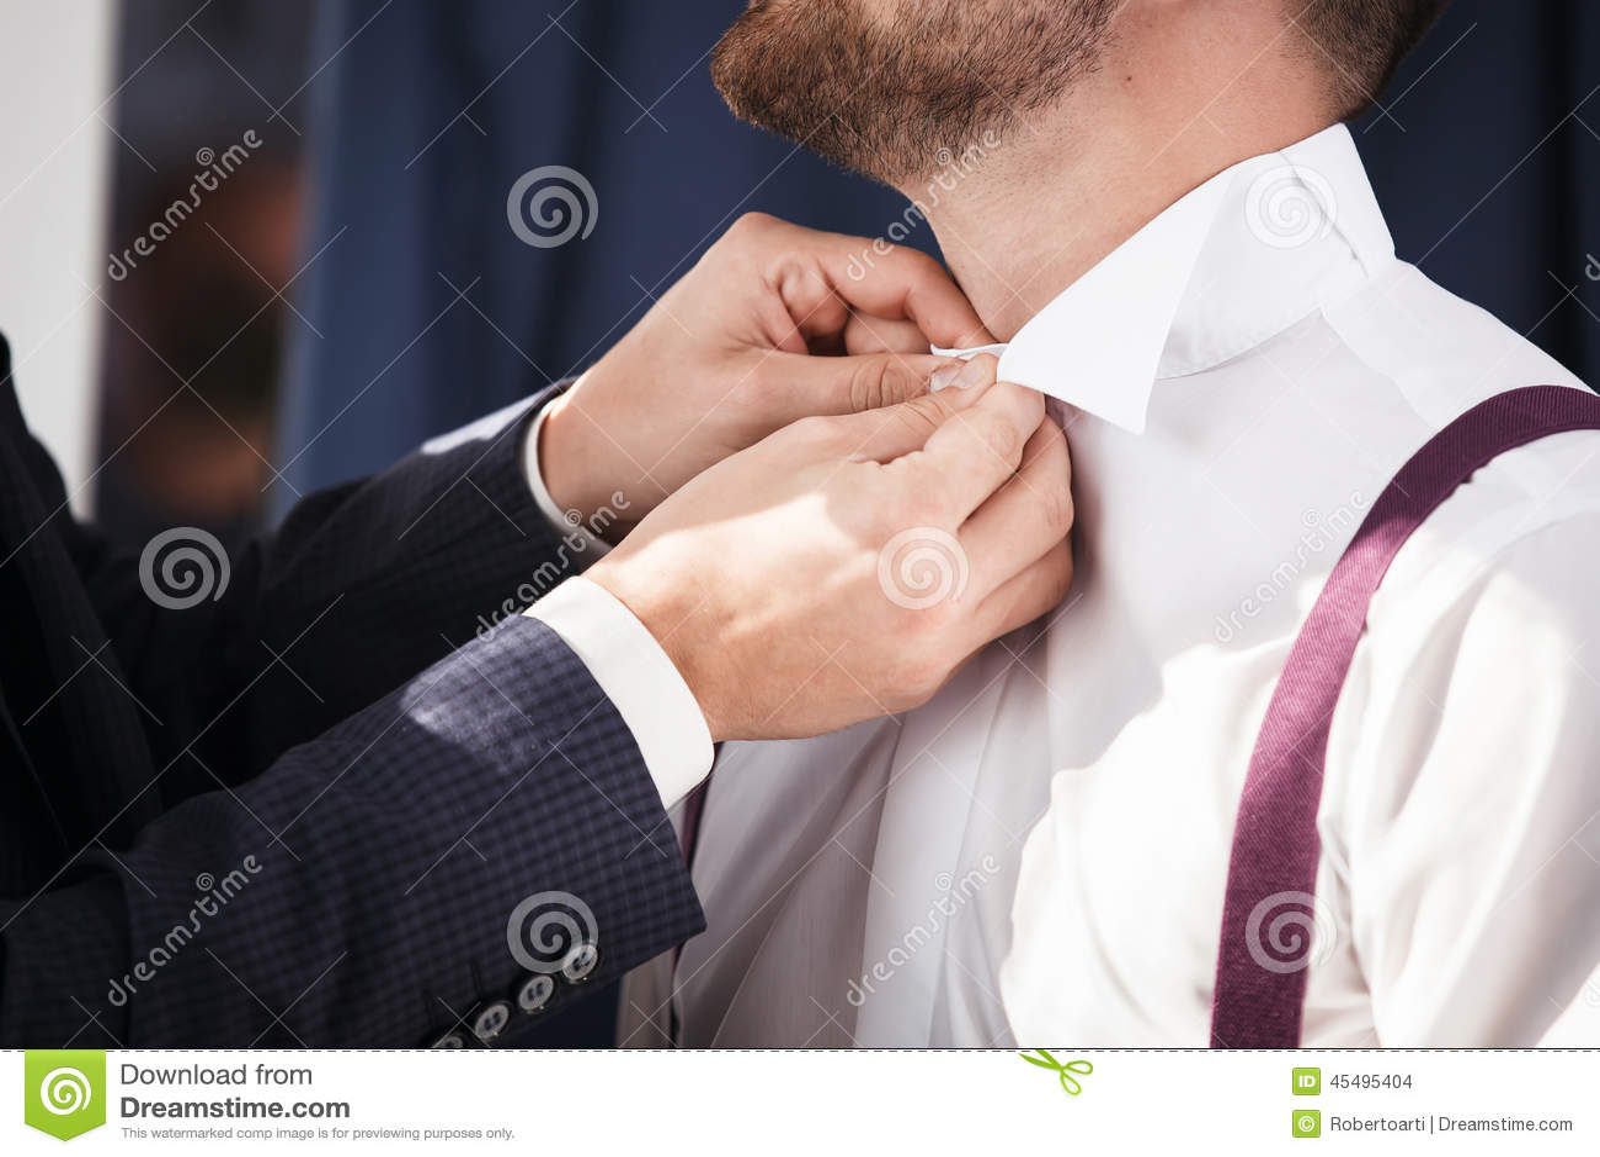 男傧相帮助修饰穿上衬衣